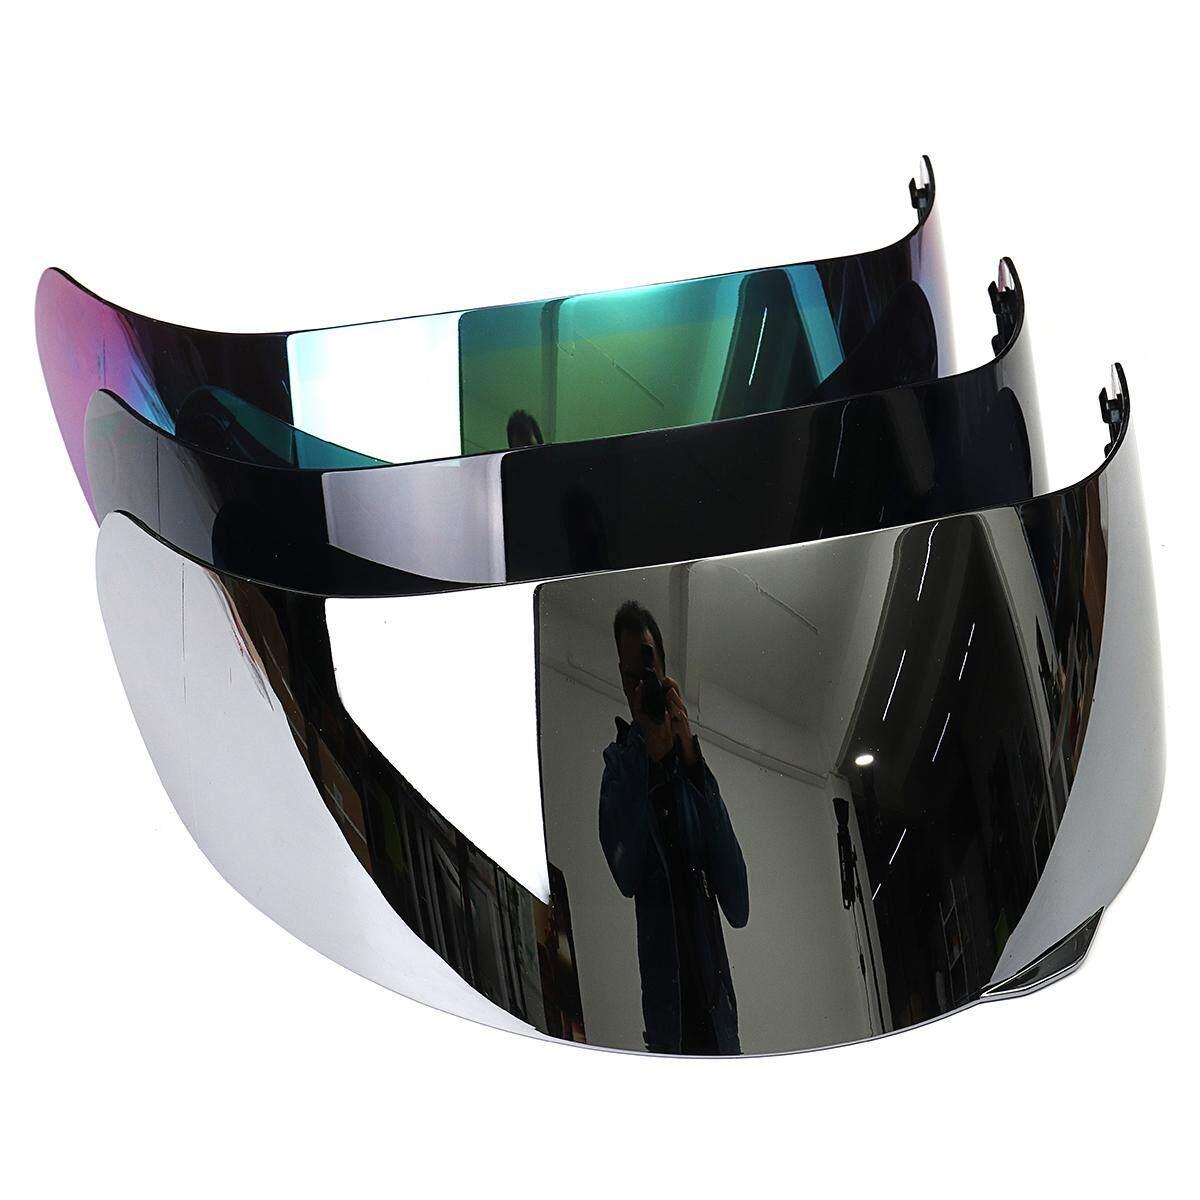 Fitur Helm Agv K3 Sv Elements Rossi 46 Double Visor Full Face K 3 3pcs Motorrad Anti Scratch Shield Visier Fur 316 902 K5 K3sv